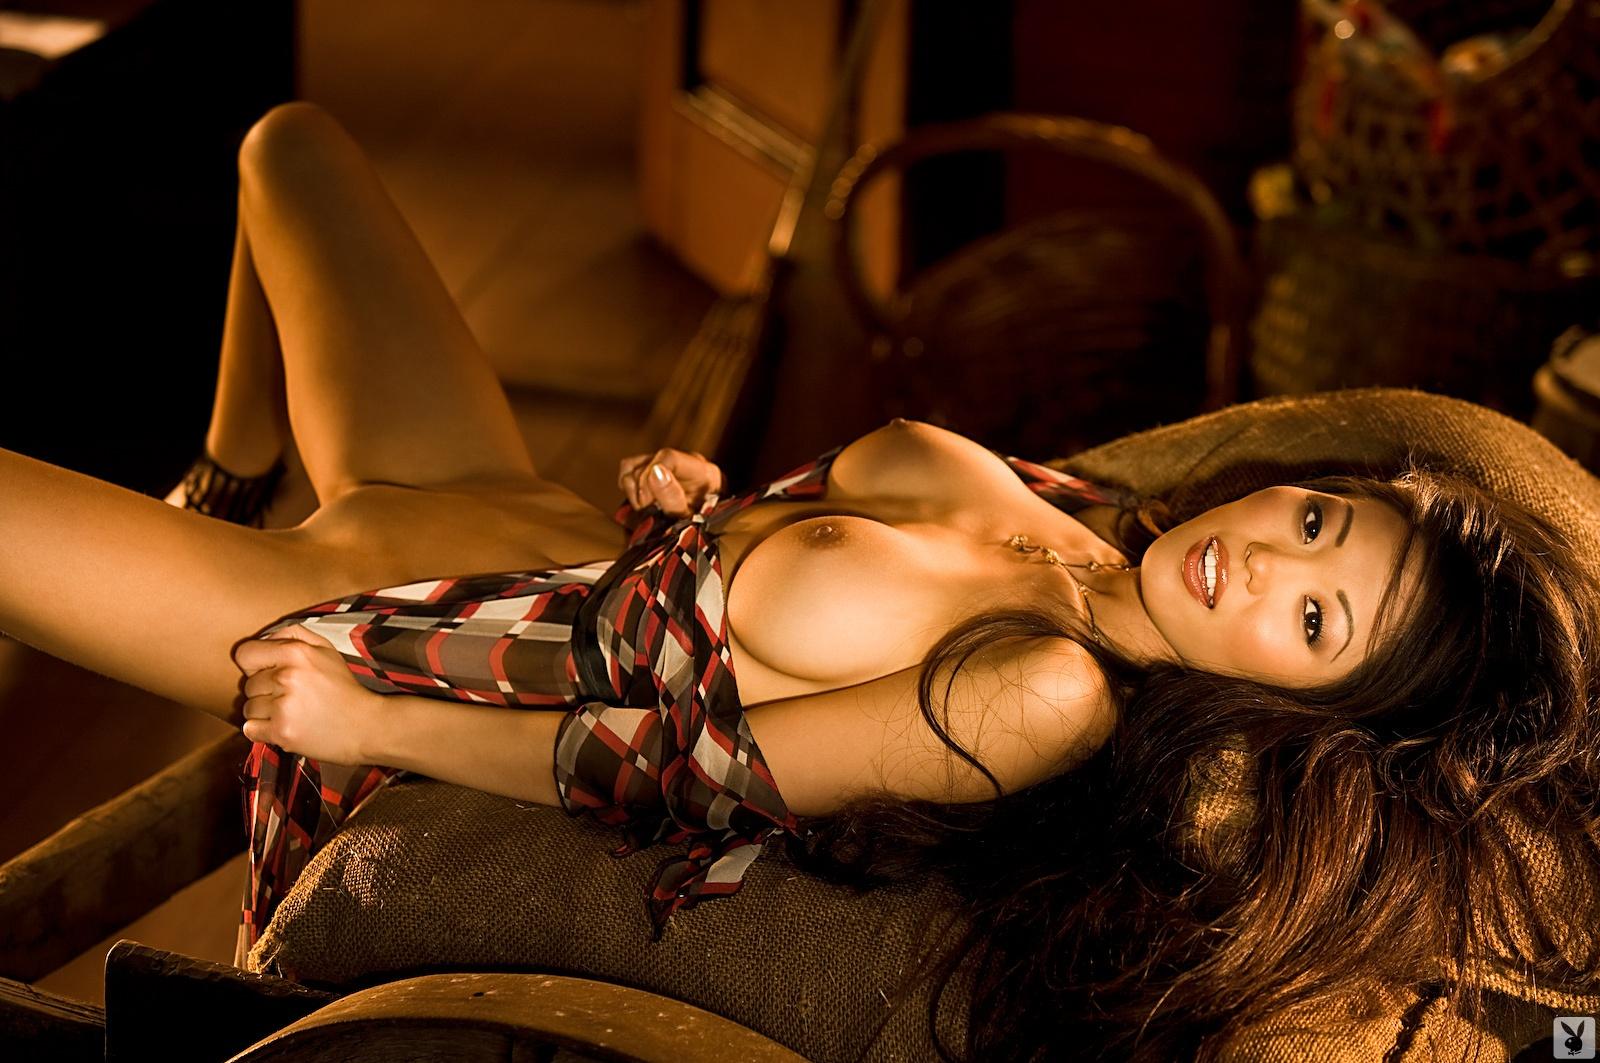 Эротических фото китаянок 5 фотография